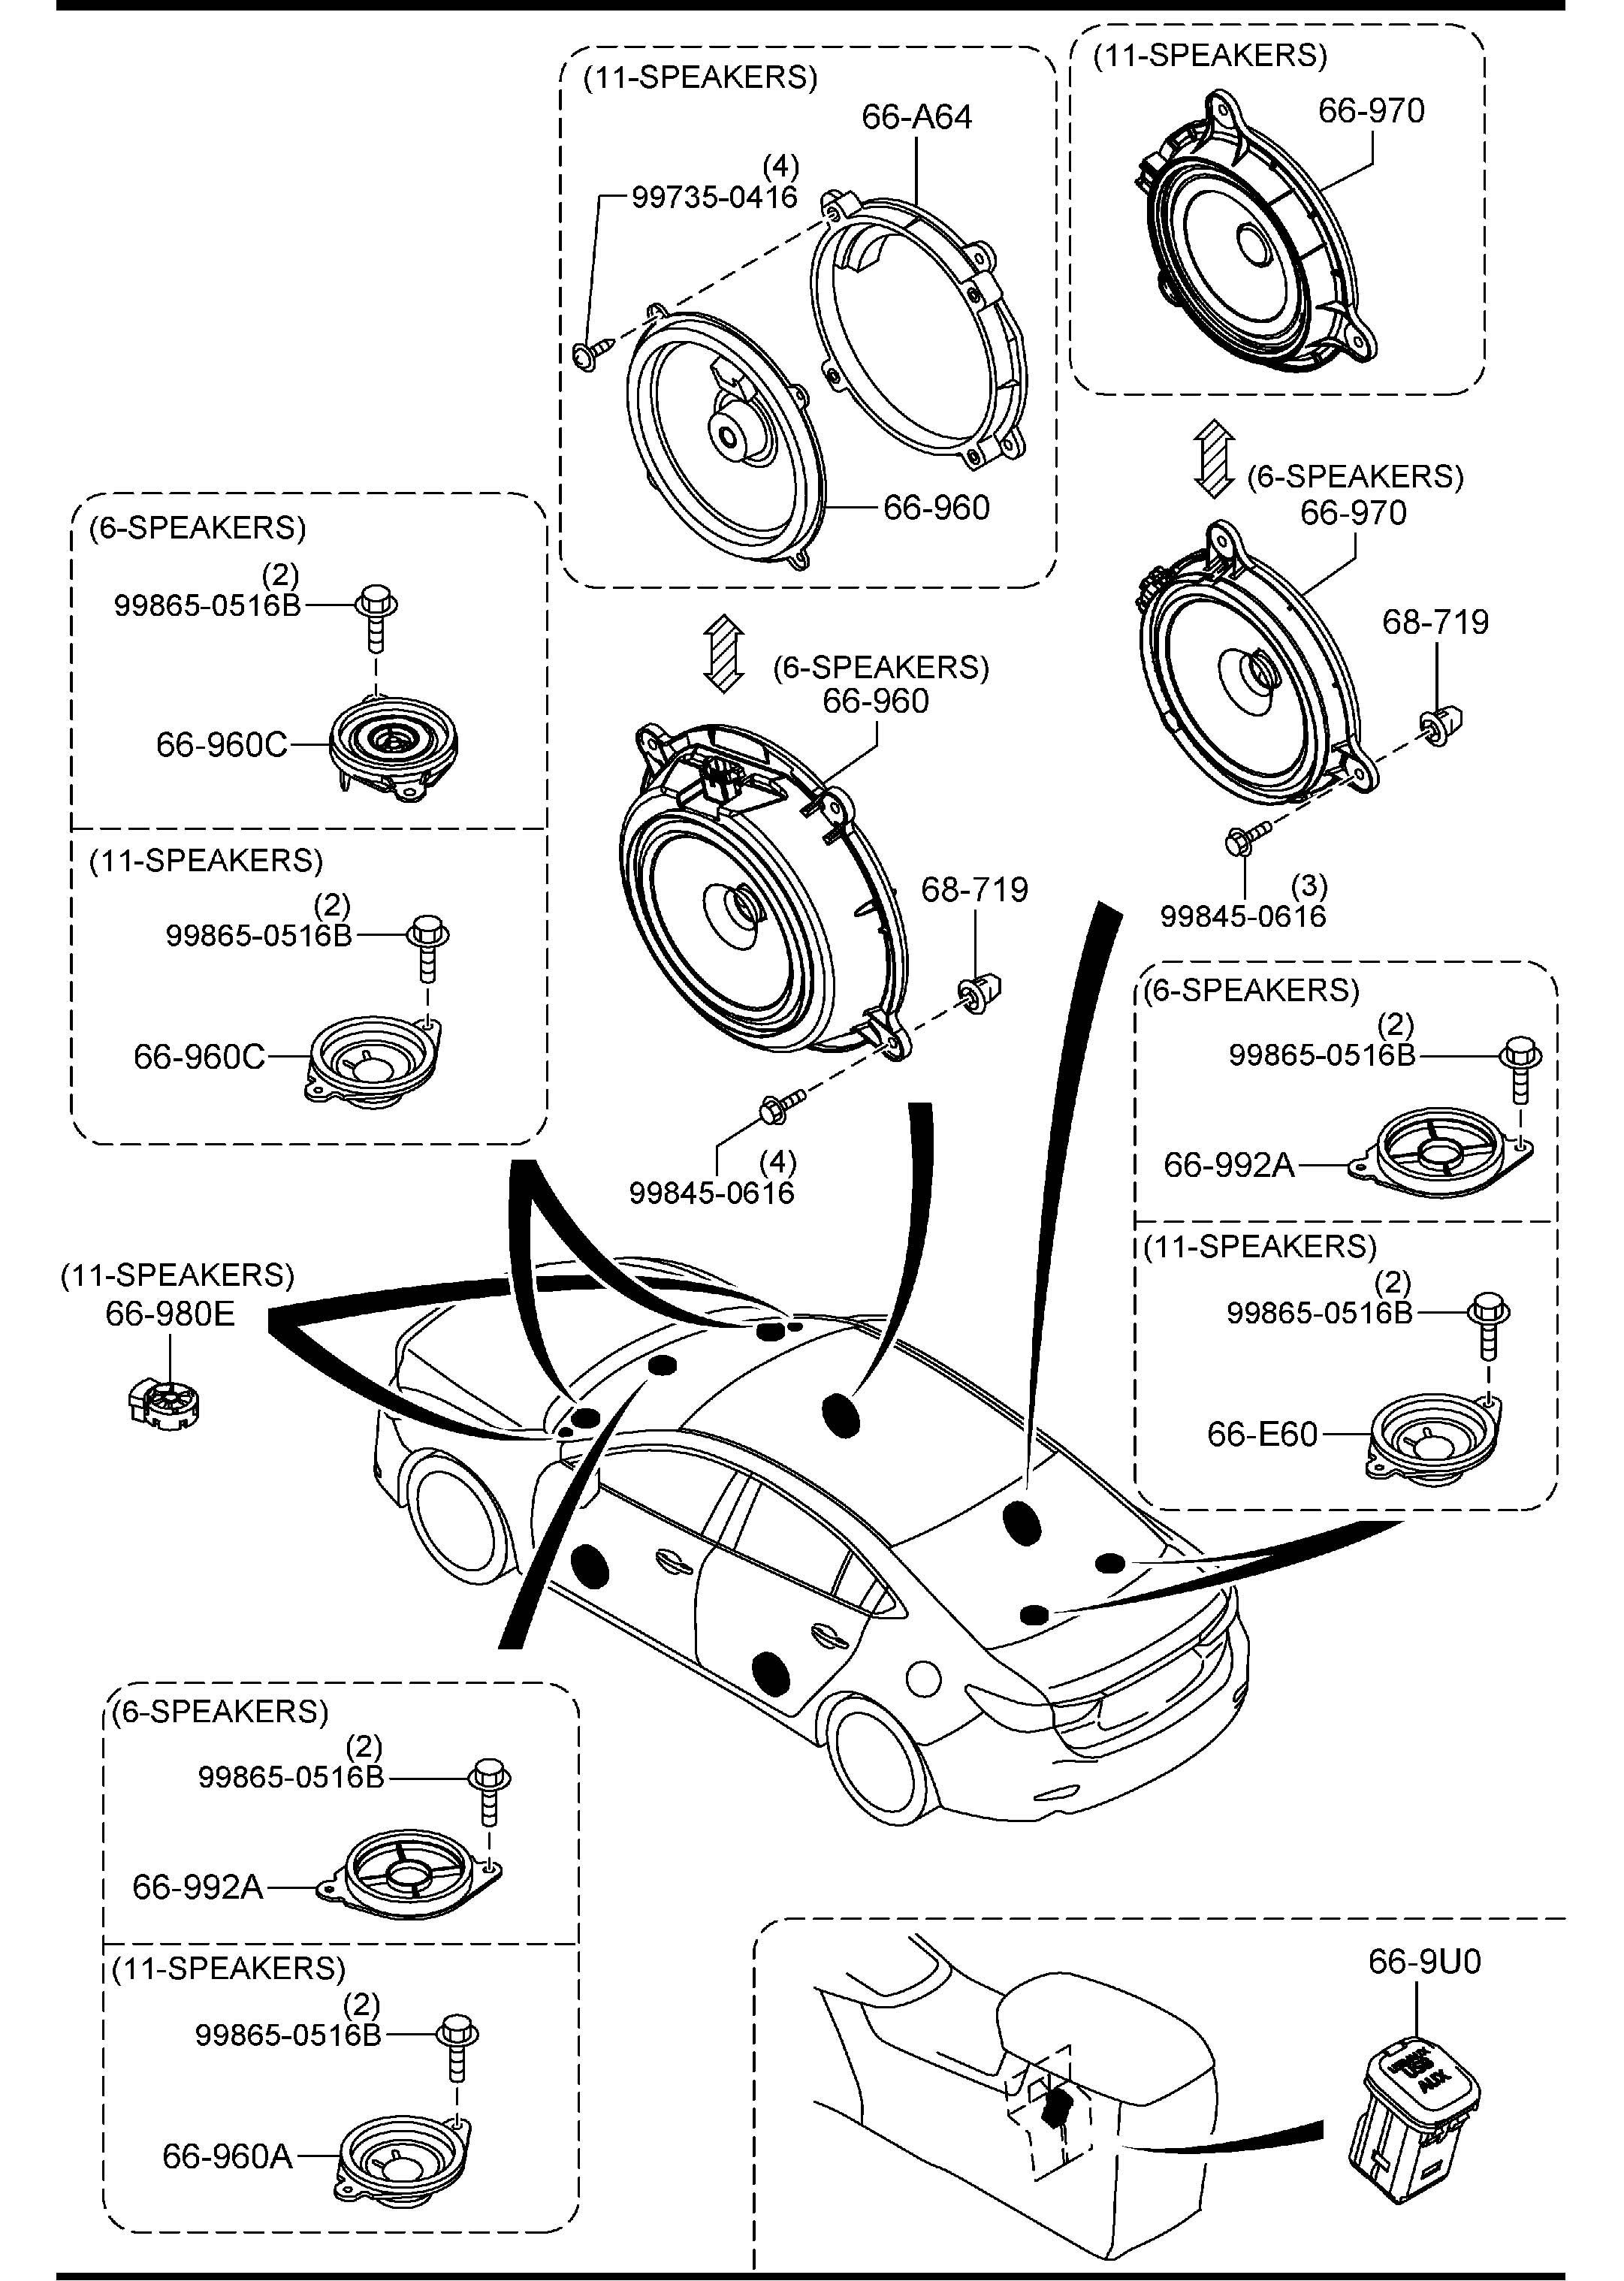 2004 mazda 6 bose subwoofer wiring diagram origami eagle instructions system  idée d 39image de voiture